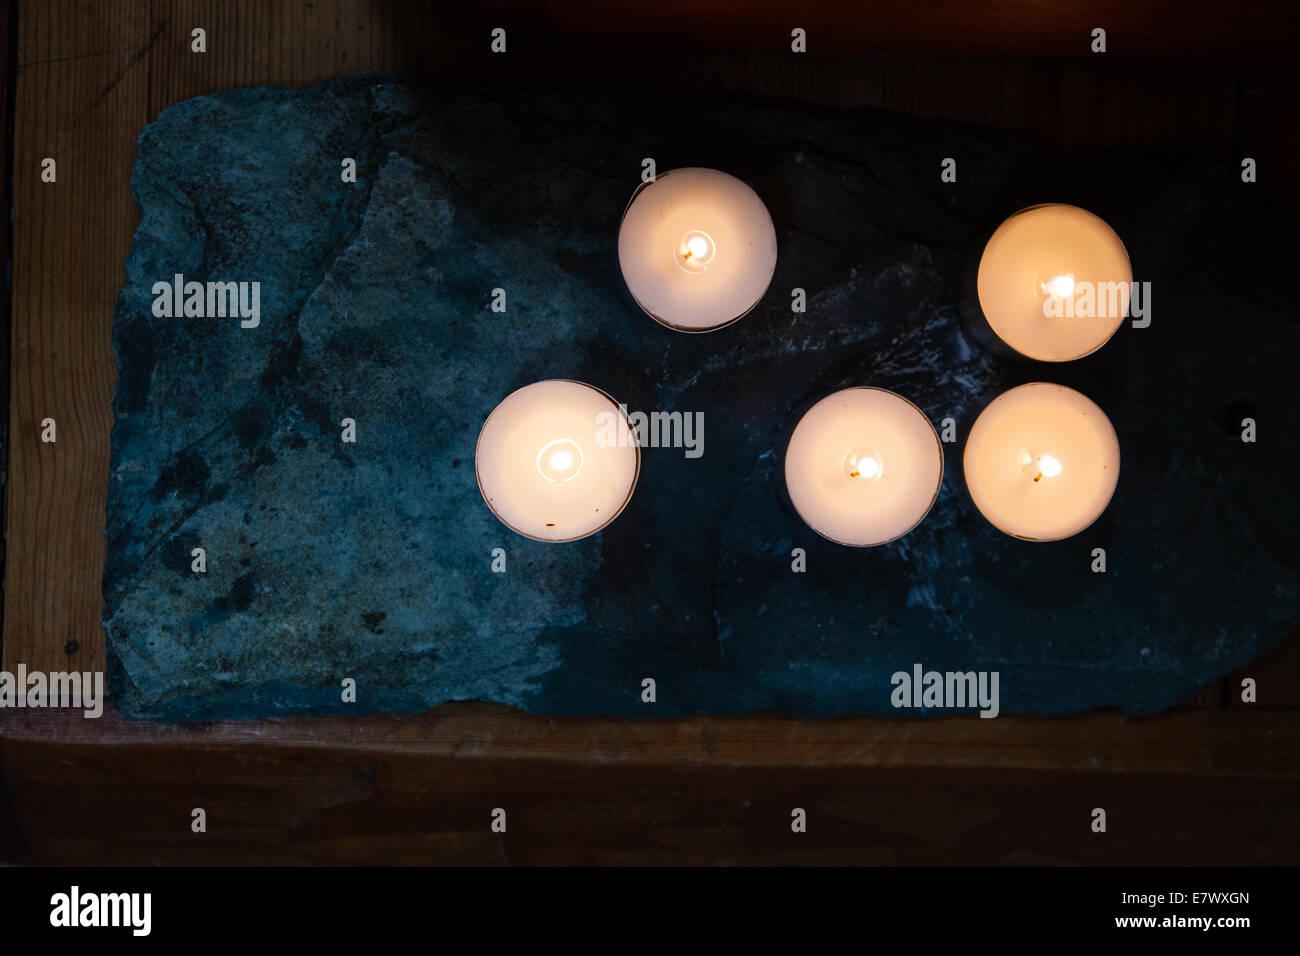 Candele emettono una luce calda su un santuario buddista Immagini Stock